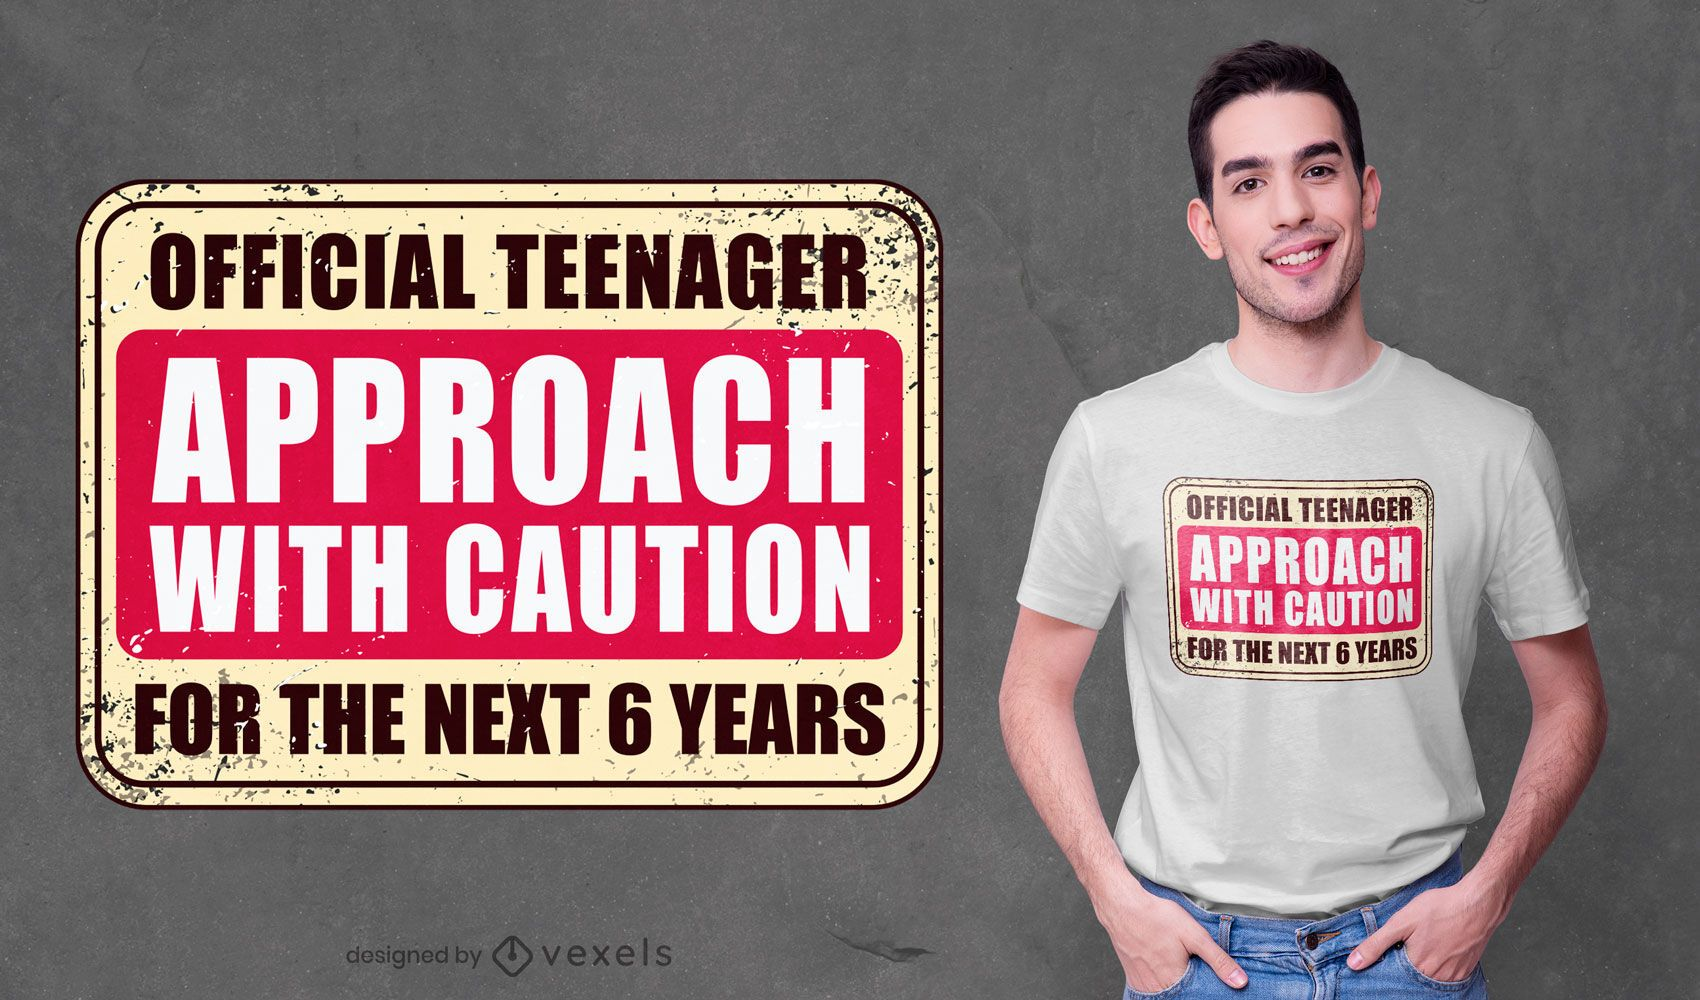 Diseño oficial de camiseta adolescente.